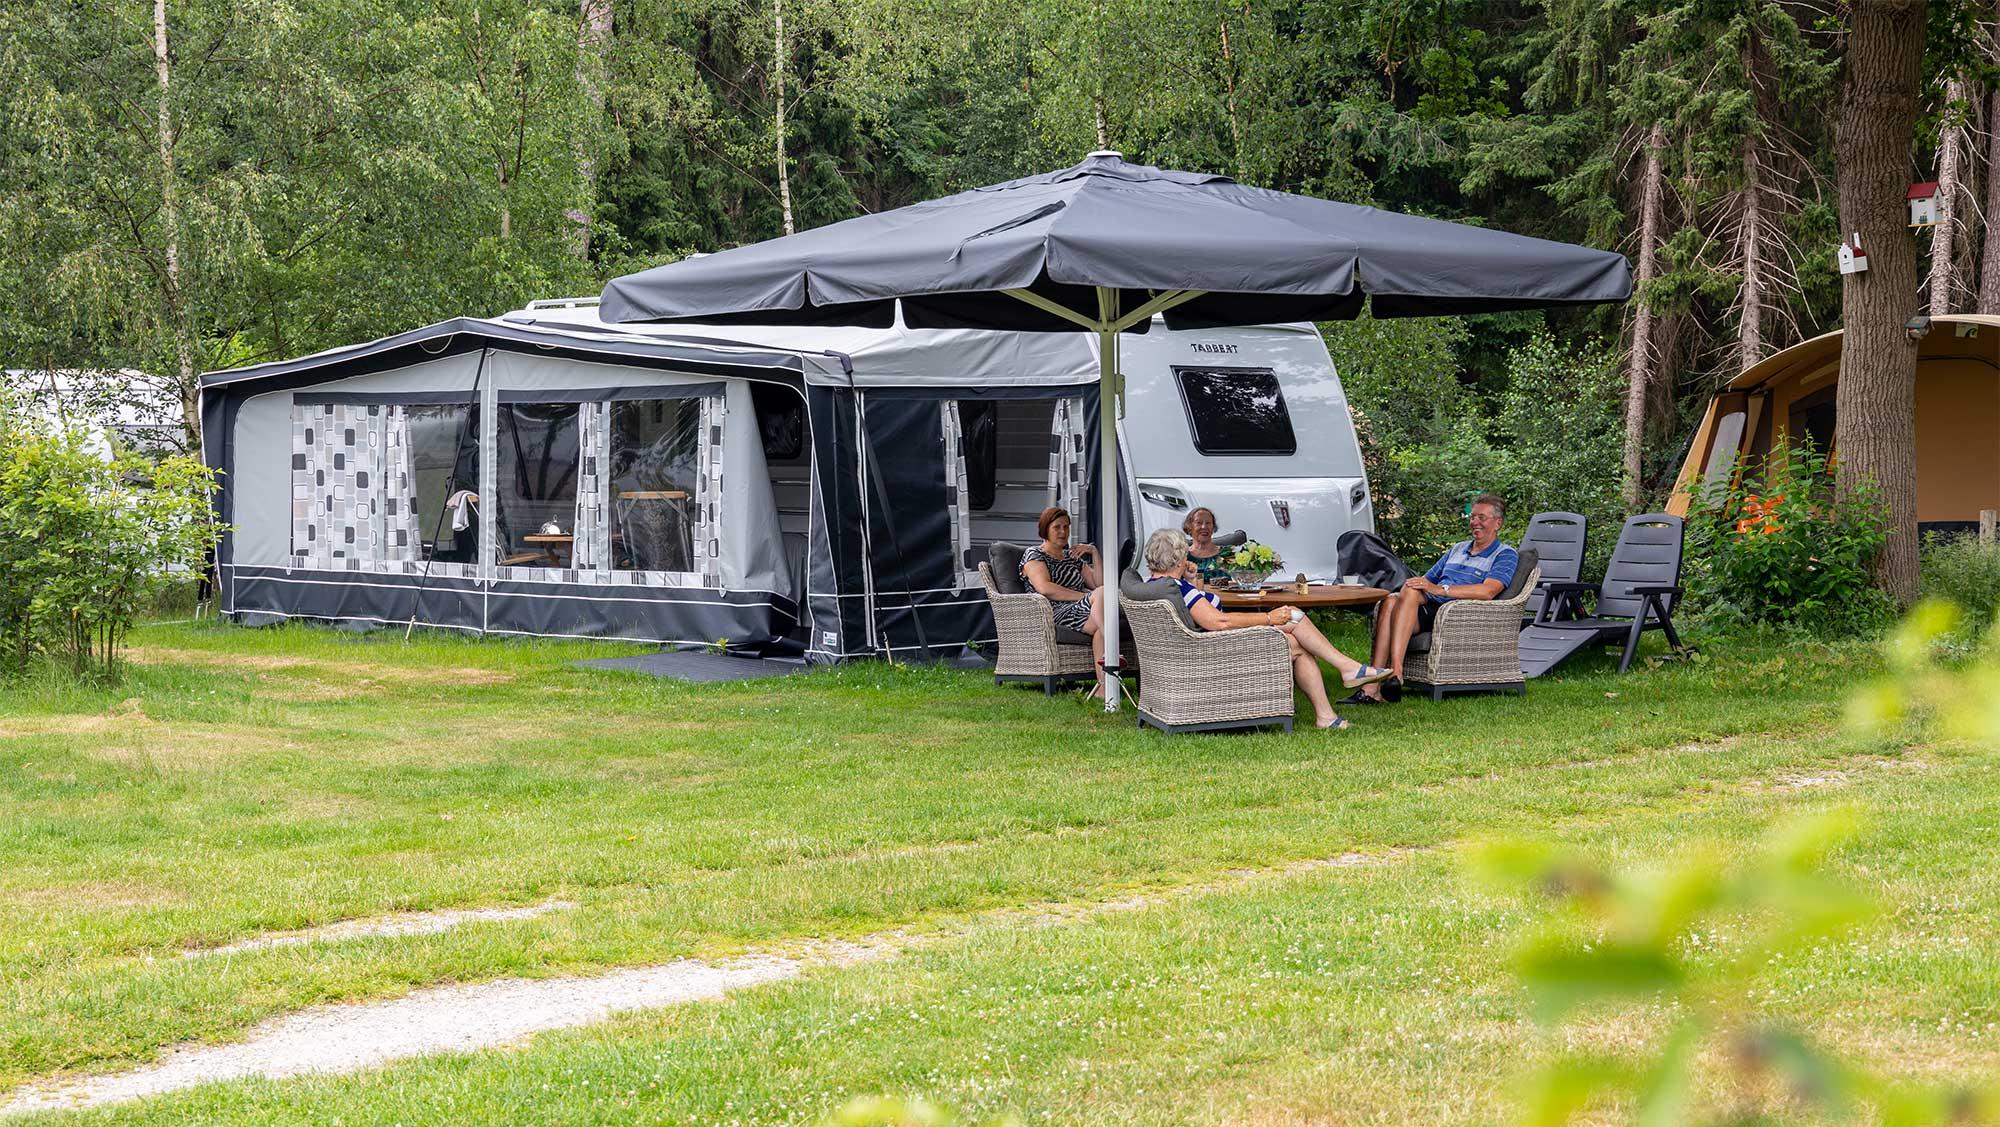 Seizoenplaats kamperen Molecaten Park Landgoed Ginkelduin 02